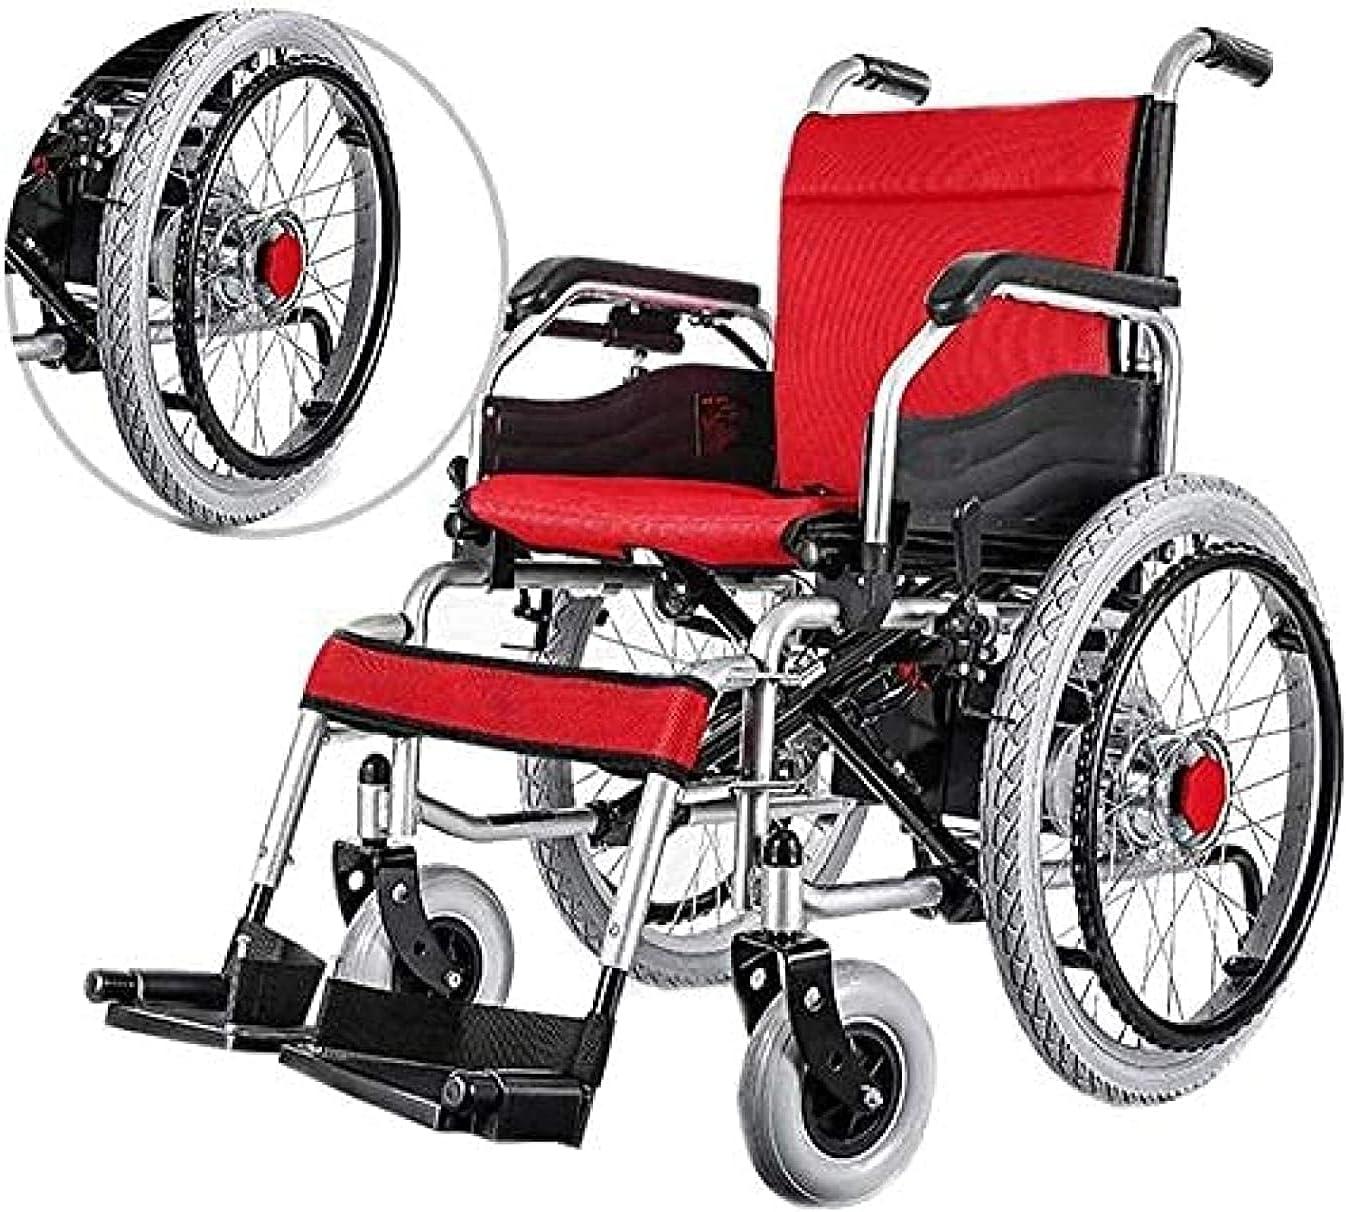 Sillas de Ruedas Eléctricas para Adultos Transporte Ligero Plegable Motorizado Diseño Plegable Ligero de Scooter Eléctrico con Joystick Inteligente de 360 °